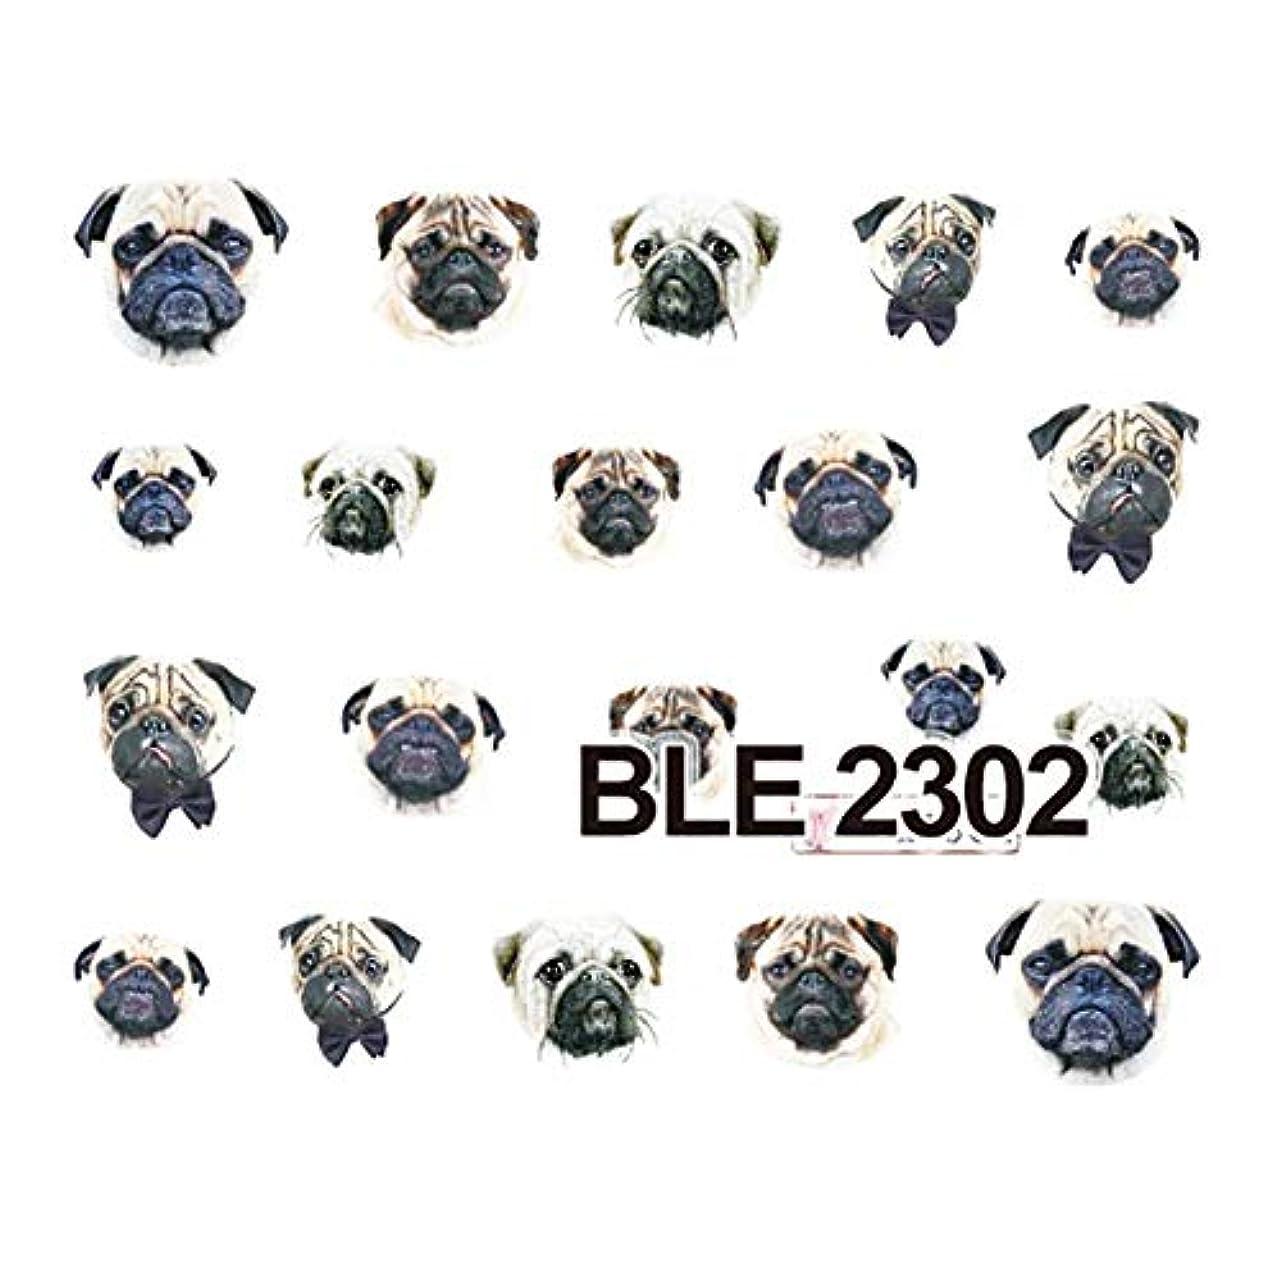 マウス人工的なロケーションLITI ネイルシール ラブリー 犬 リアル いぬ かわいい 犬 コーギー ネイルアート 動物 アニマル 実写 転送ネイルアートステッカー 異なるスタイル 動物犬 マニキュアペディキュアステッカー